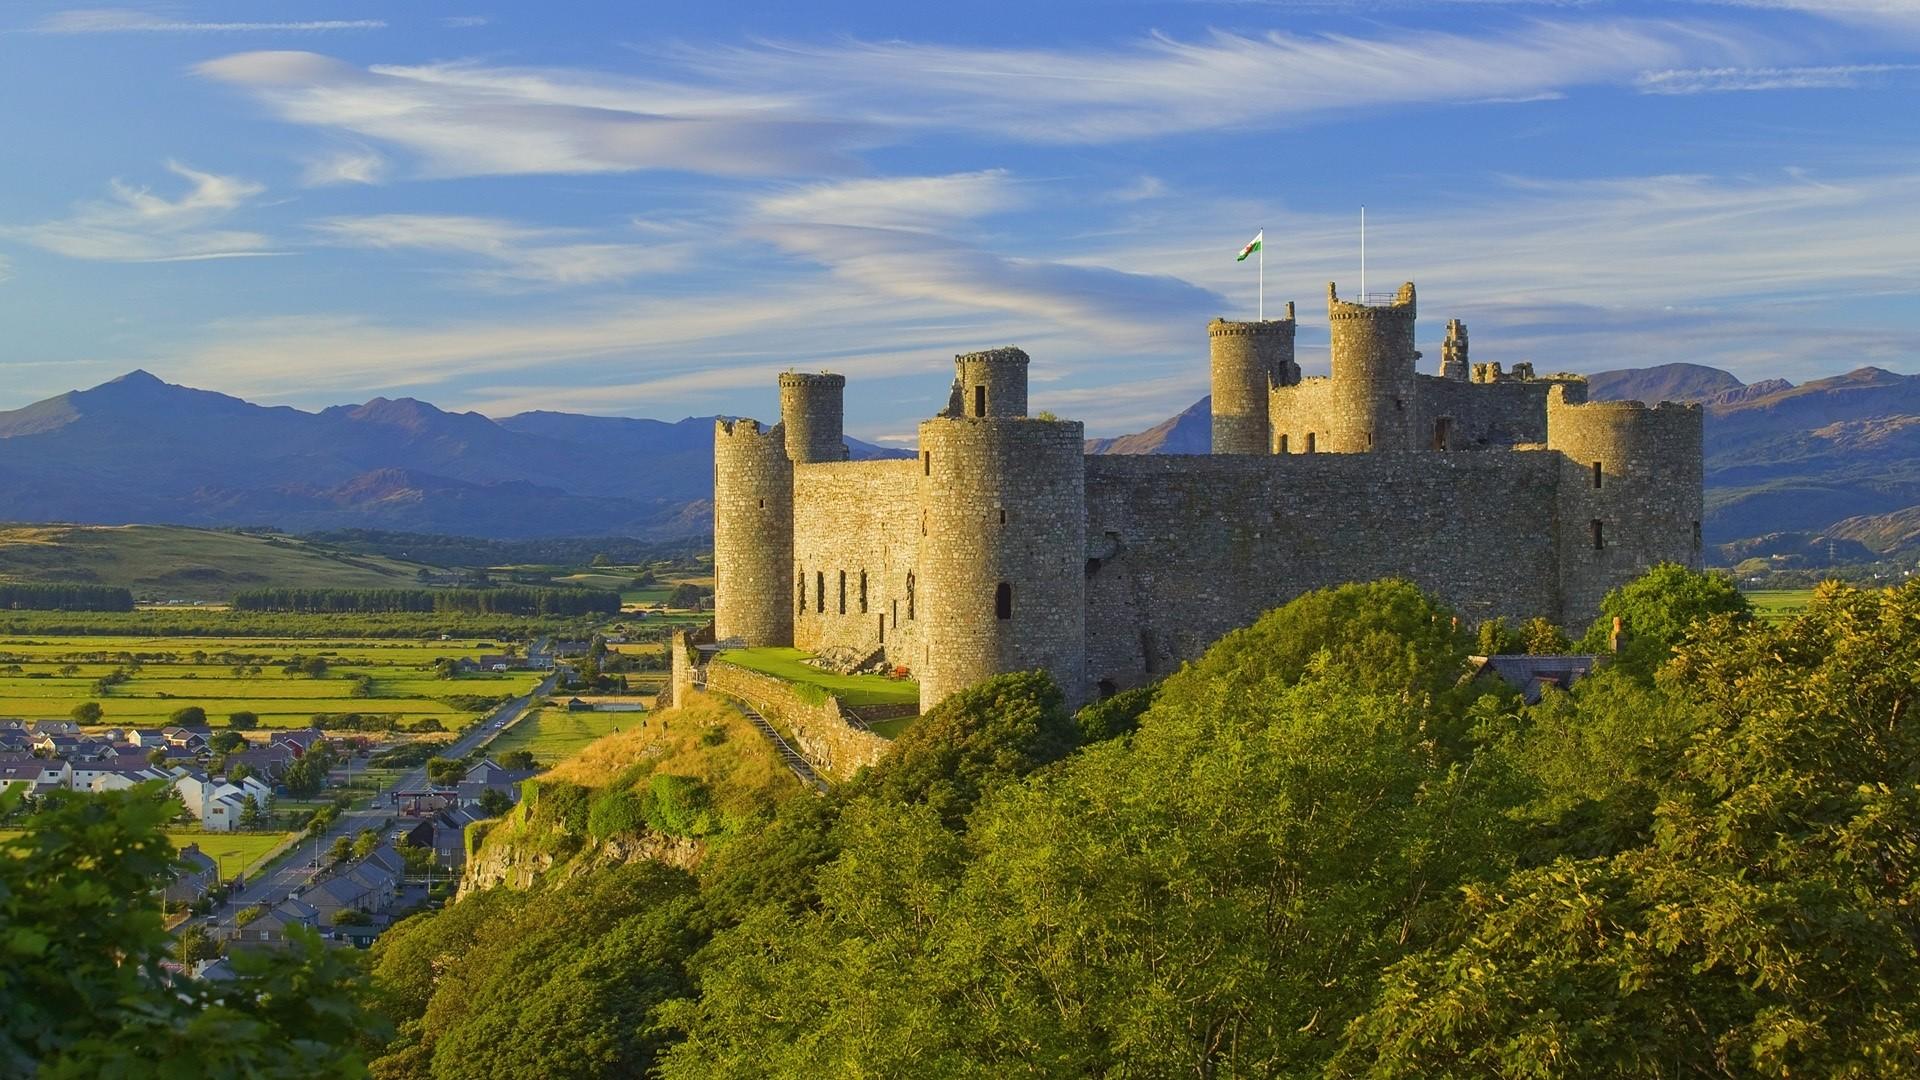 Landscapes Castles Wallpaper 1920x1080 Landscapes Castles 1920x1080